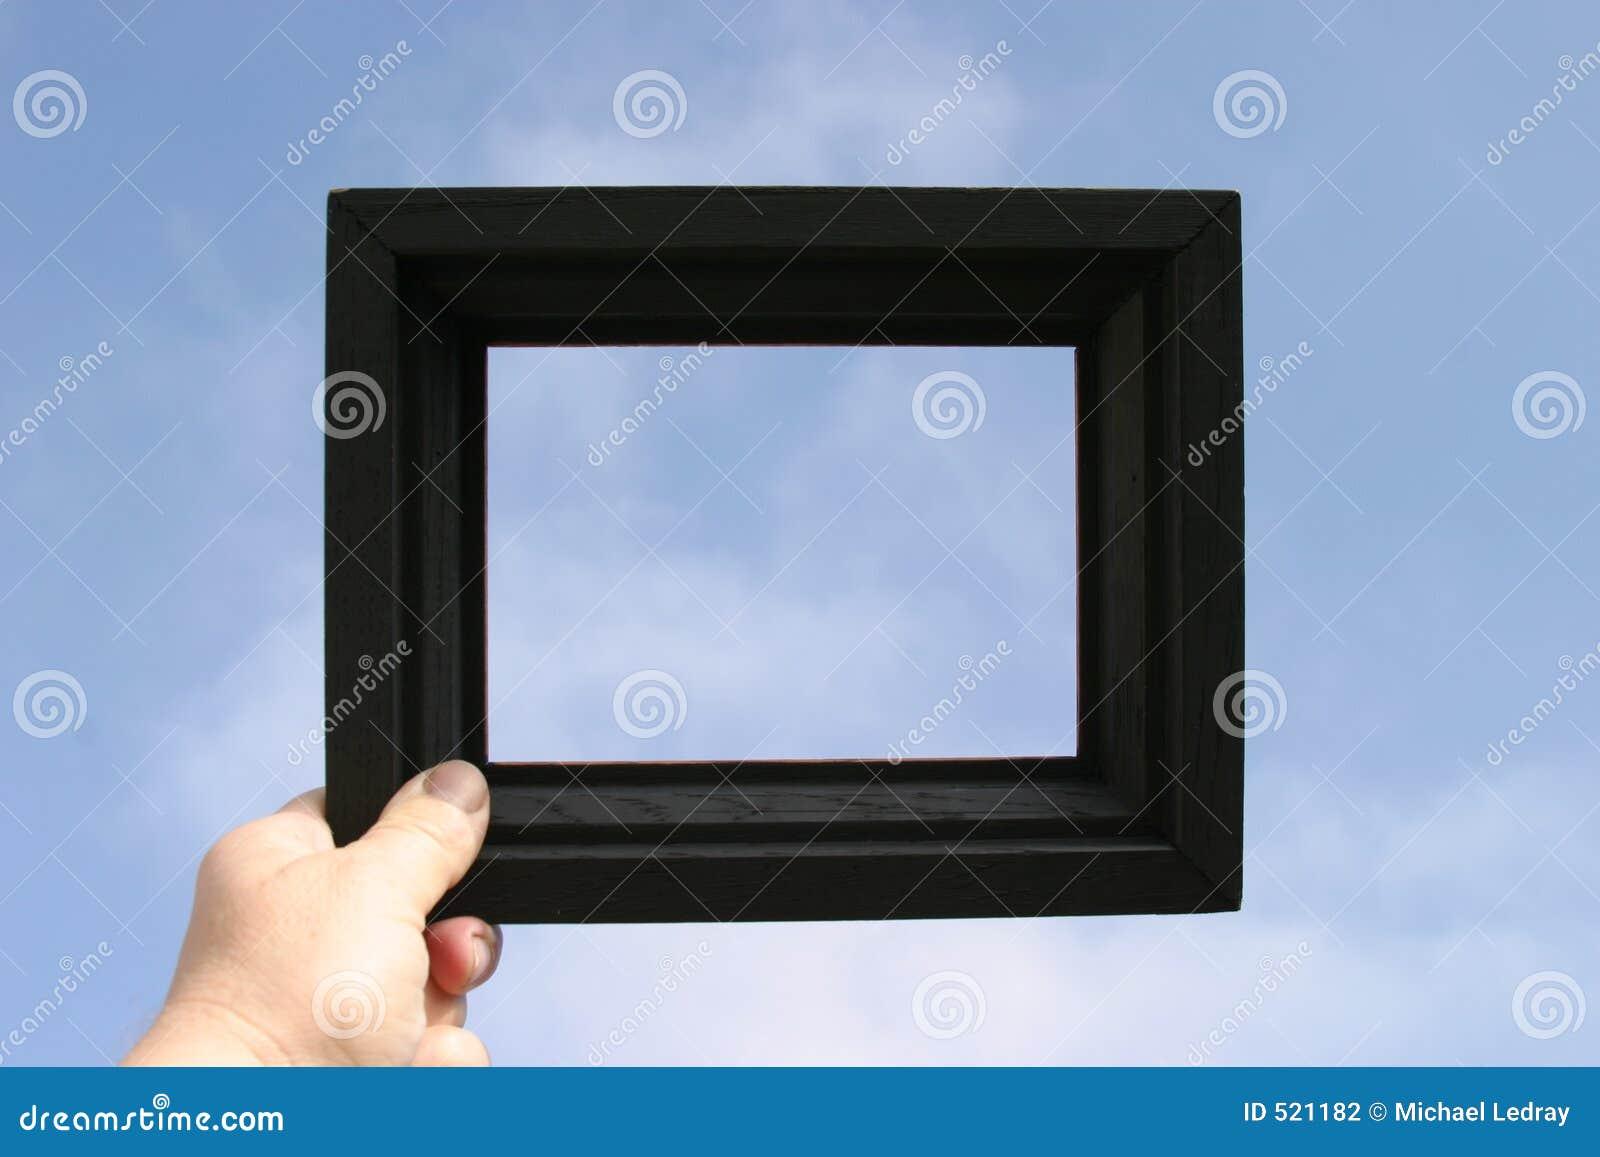 De zwarte omlijsting wordt gehouden tegen een blauwe hemel door een echte menselijke hand